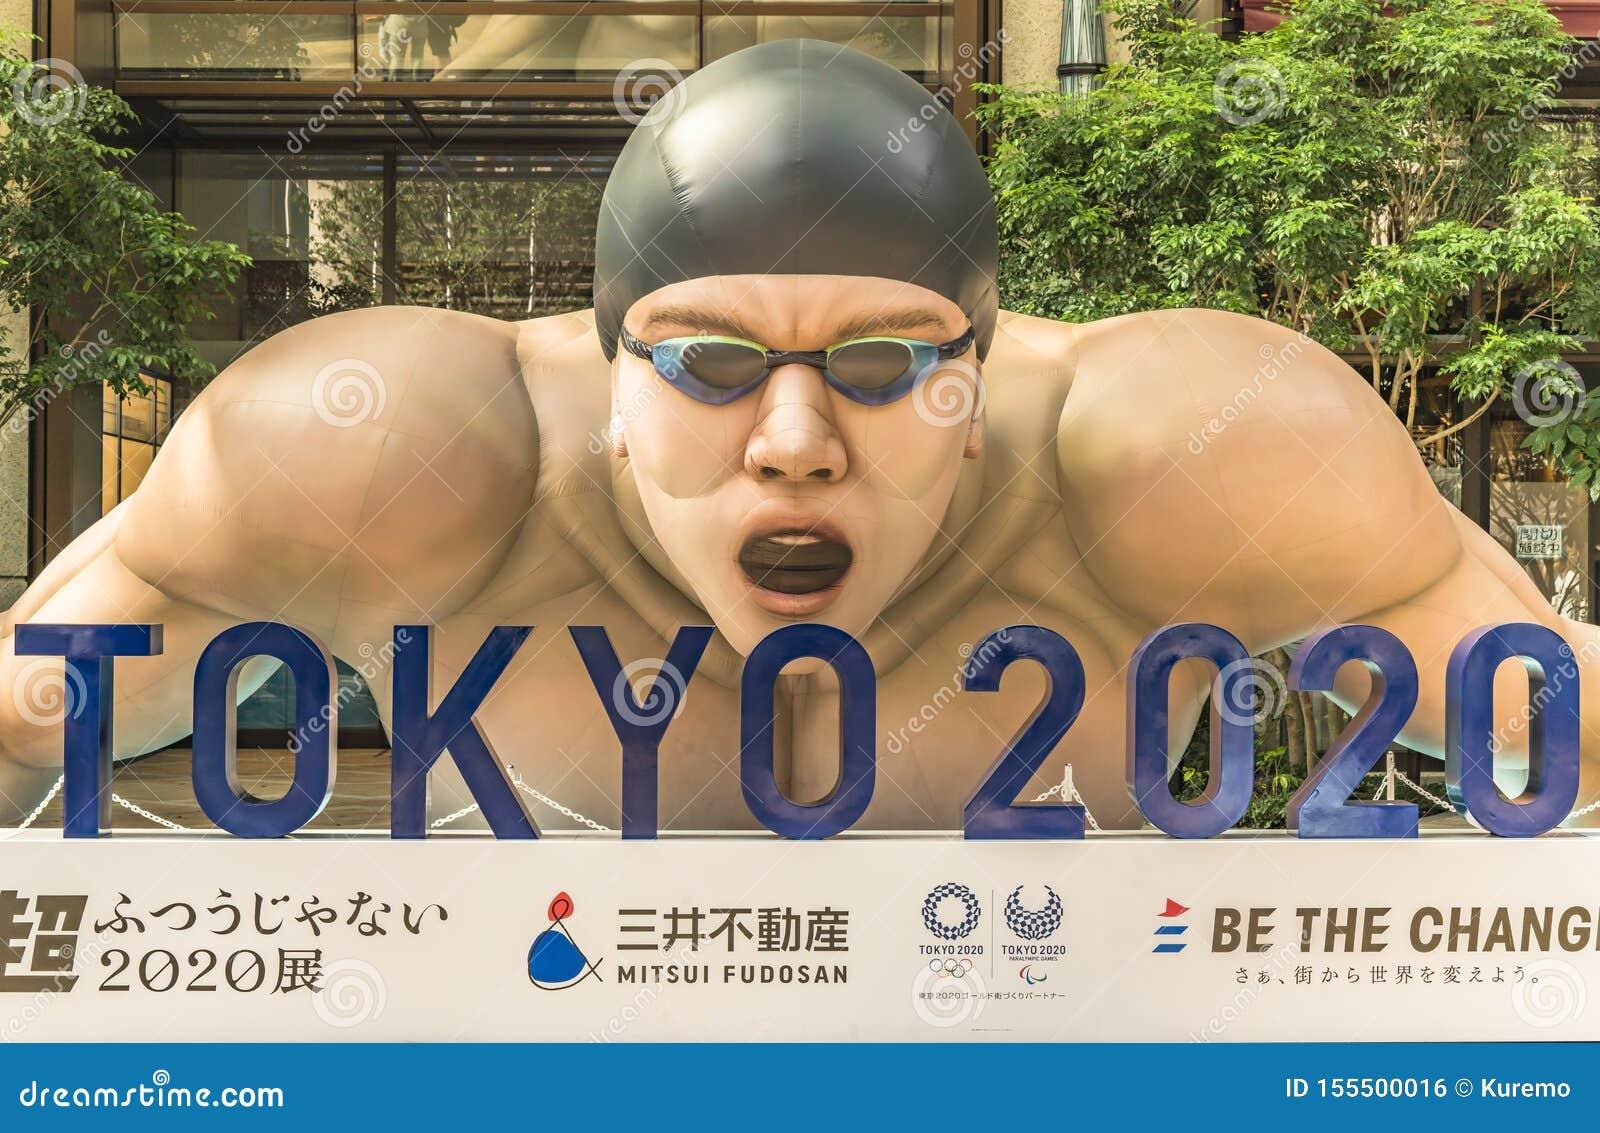 Ereignis 'ist die Änderung Tokyo 2020 'organisiert auf dem Thema der zukünftigen Olympischen Spiele in Tokyo im Jahre 2020